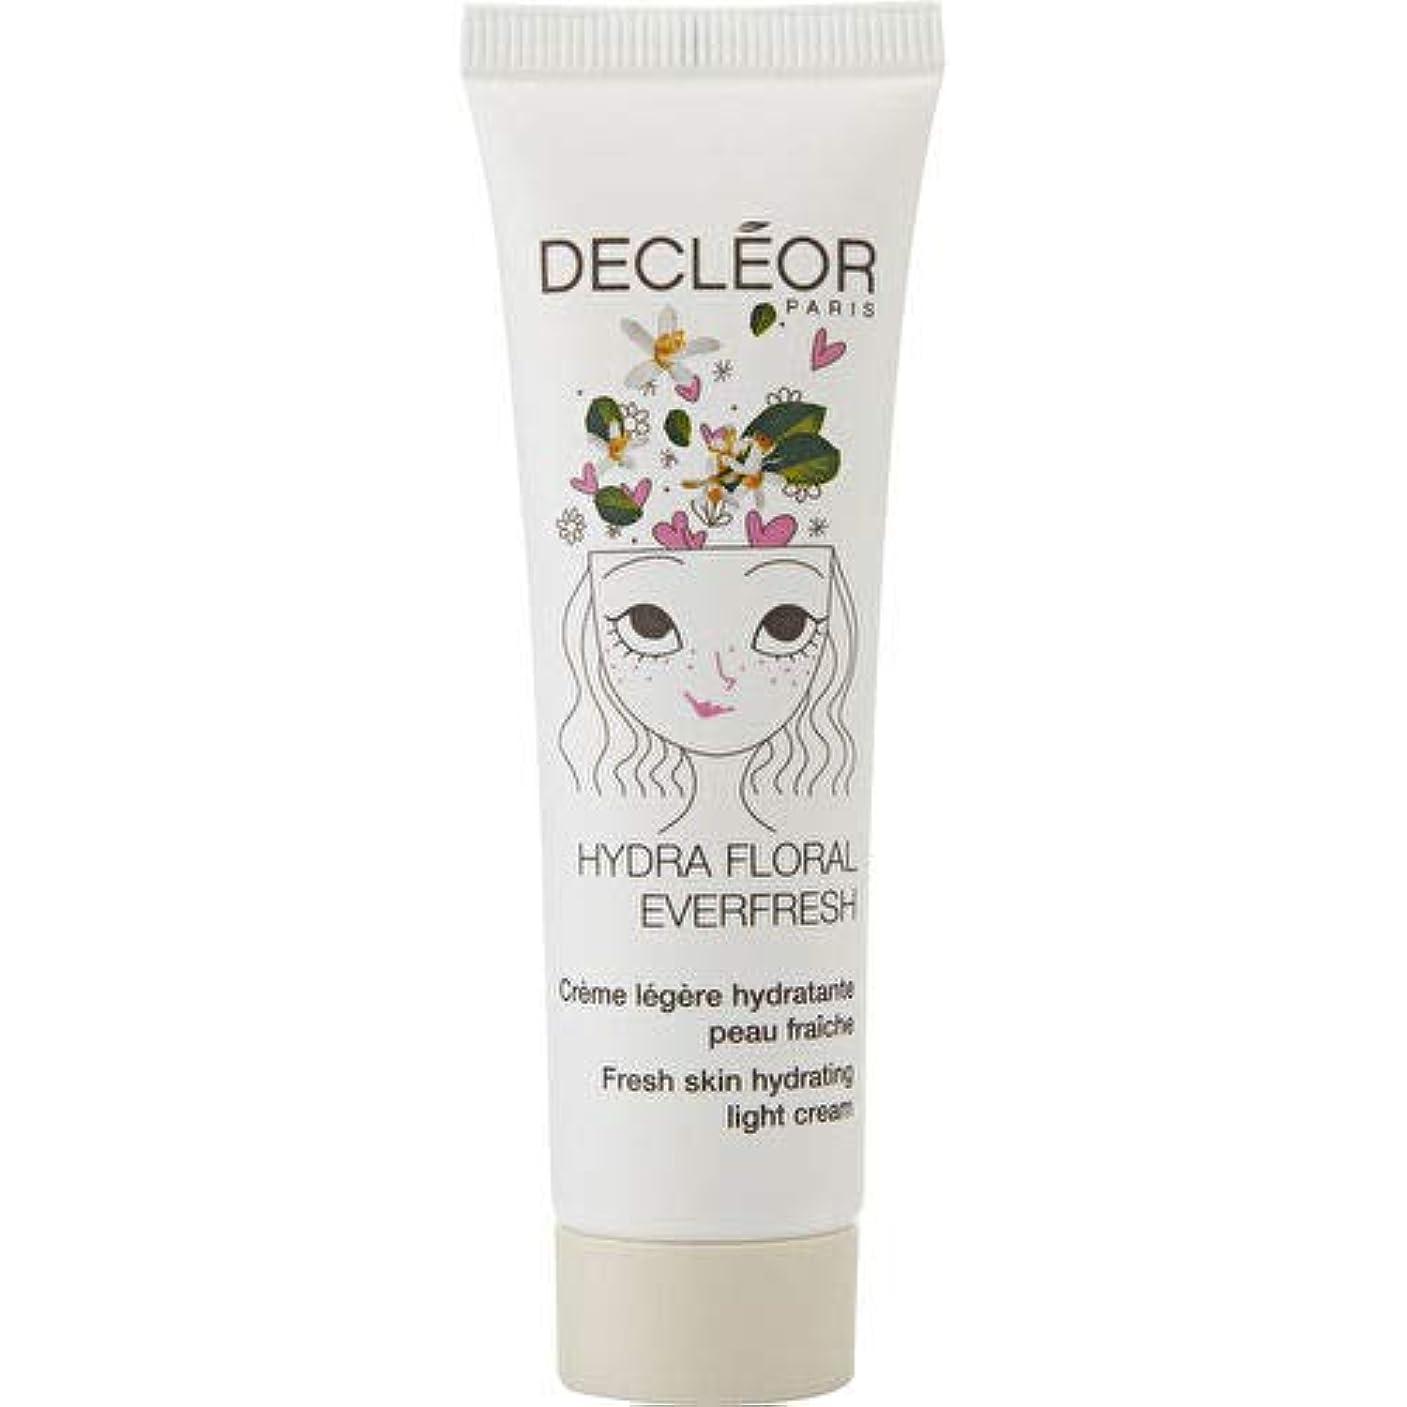 アクセシブル収束レンダリングデクレオール Hydra Floral Everfresh Fresh Skin Hydrating Light Cream - For Dehydrated Skin 30ml/1oz並行輸入品